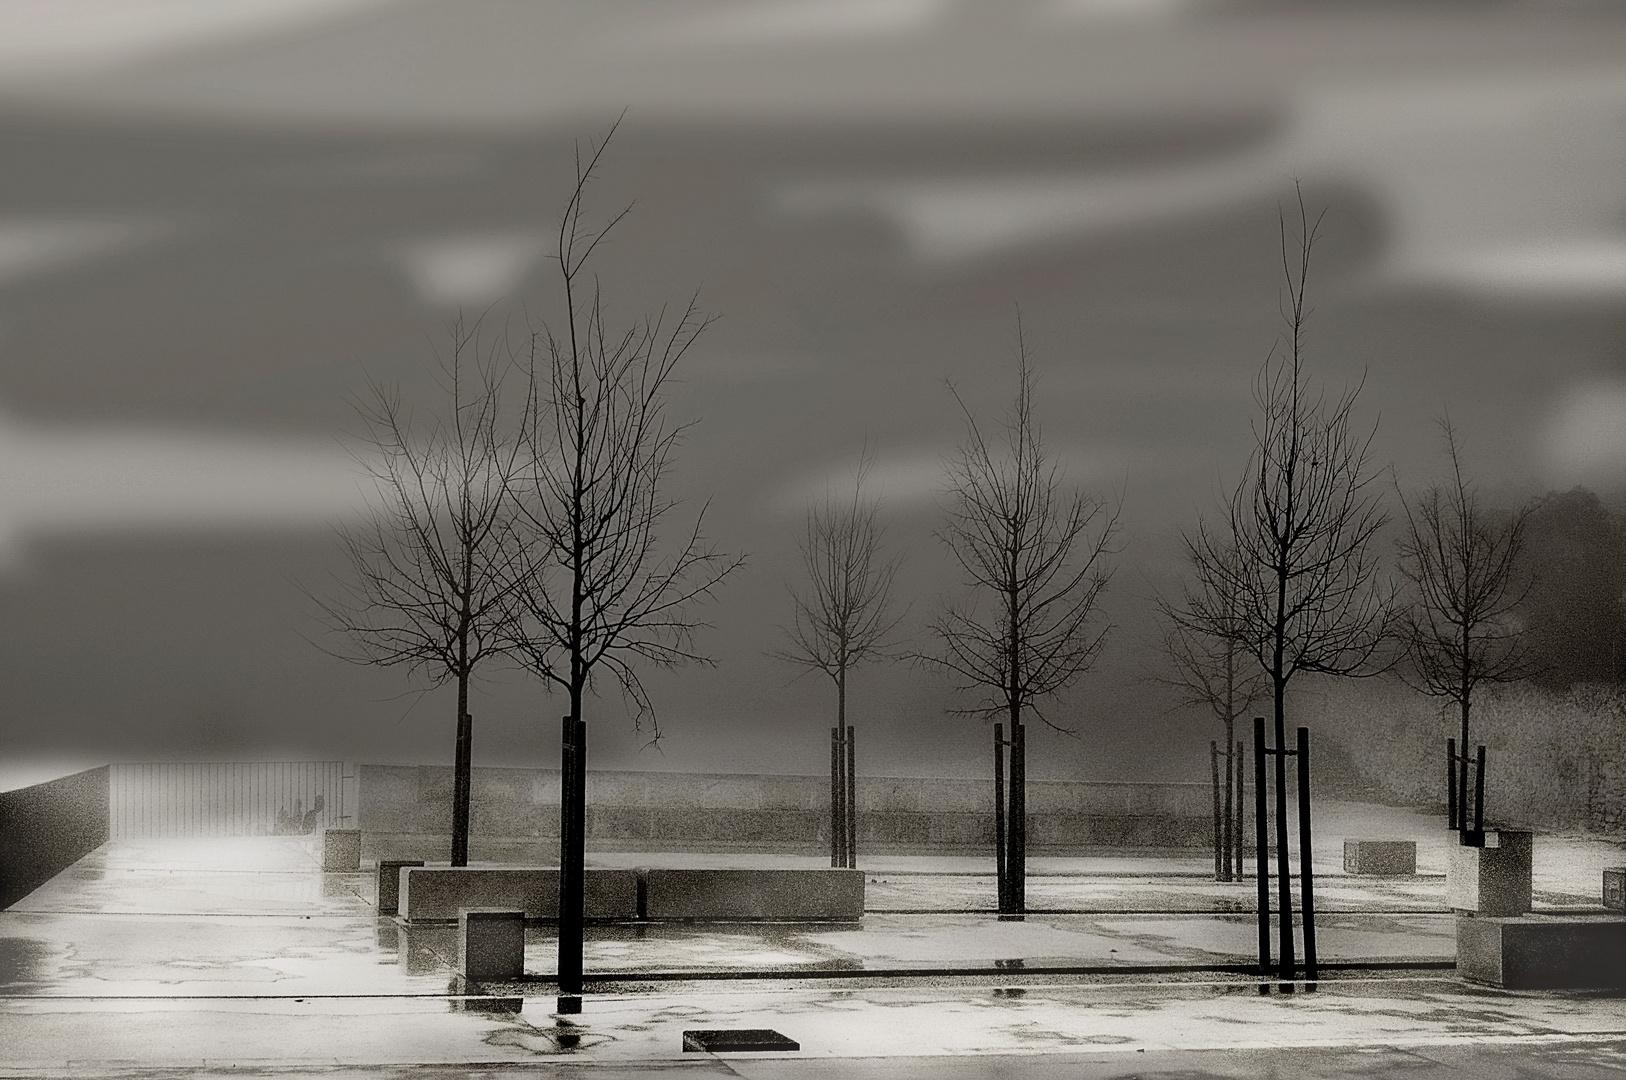 Un día gris....